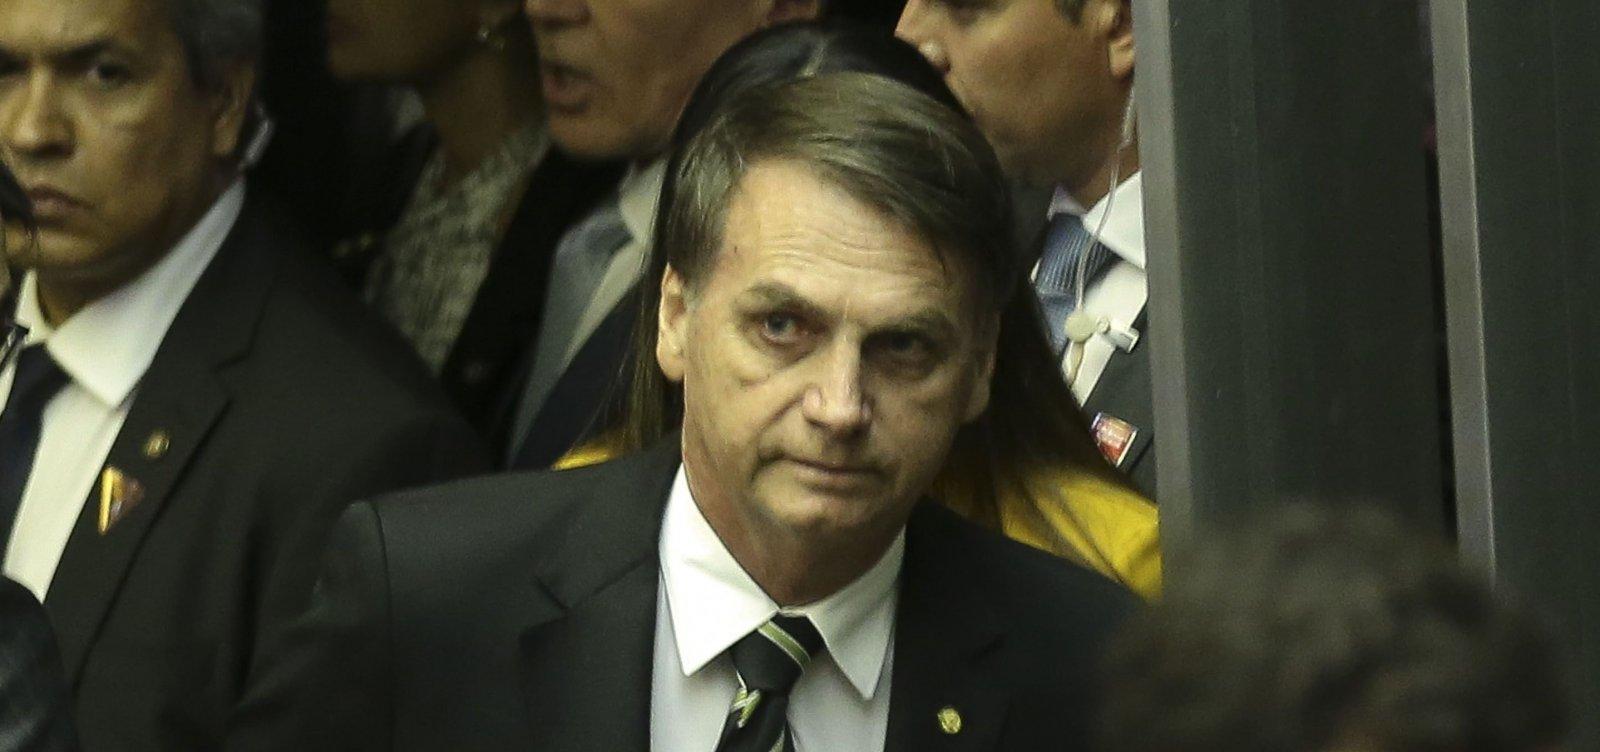 Congresso veta nome artístico de cantor para não desagradar Bolsonaro